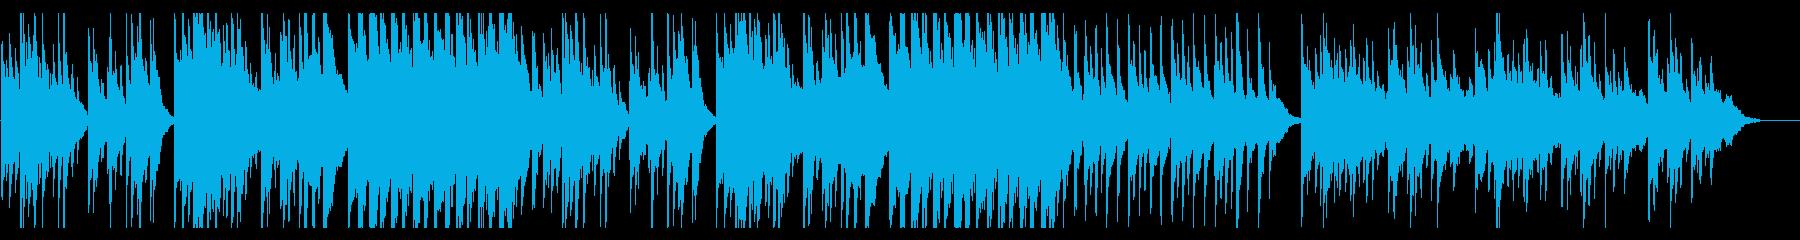 温もりと優しさと透明感のあるヒーリング曲の再生済みの波形